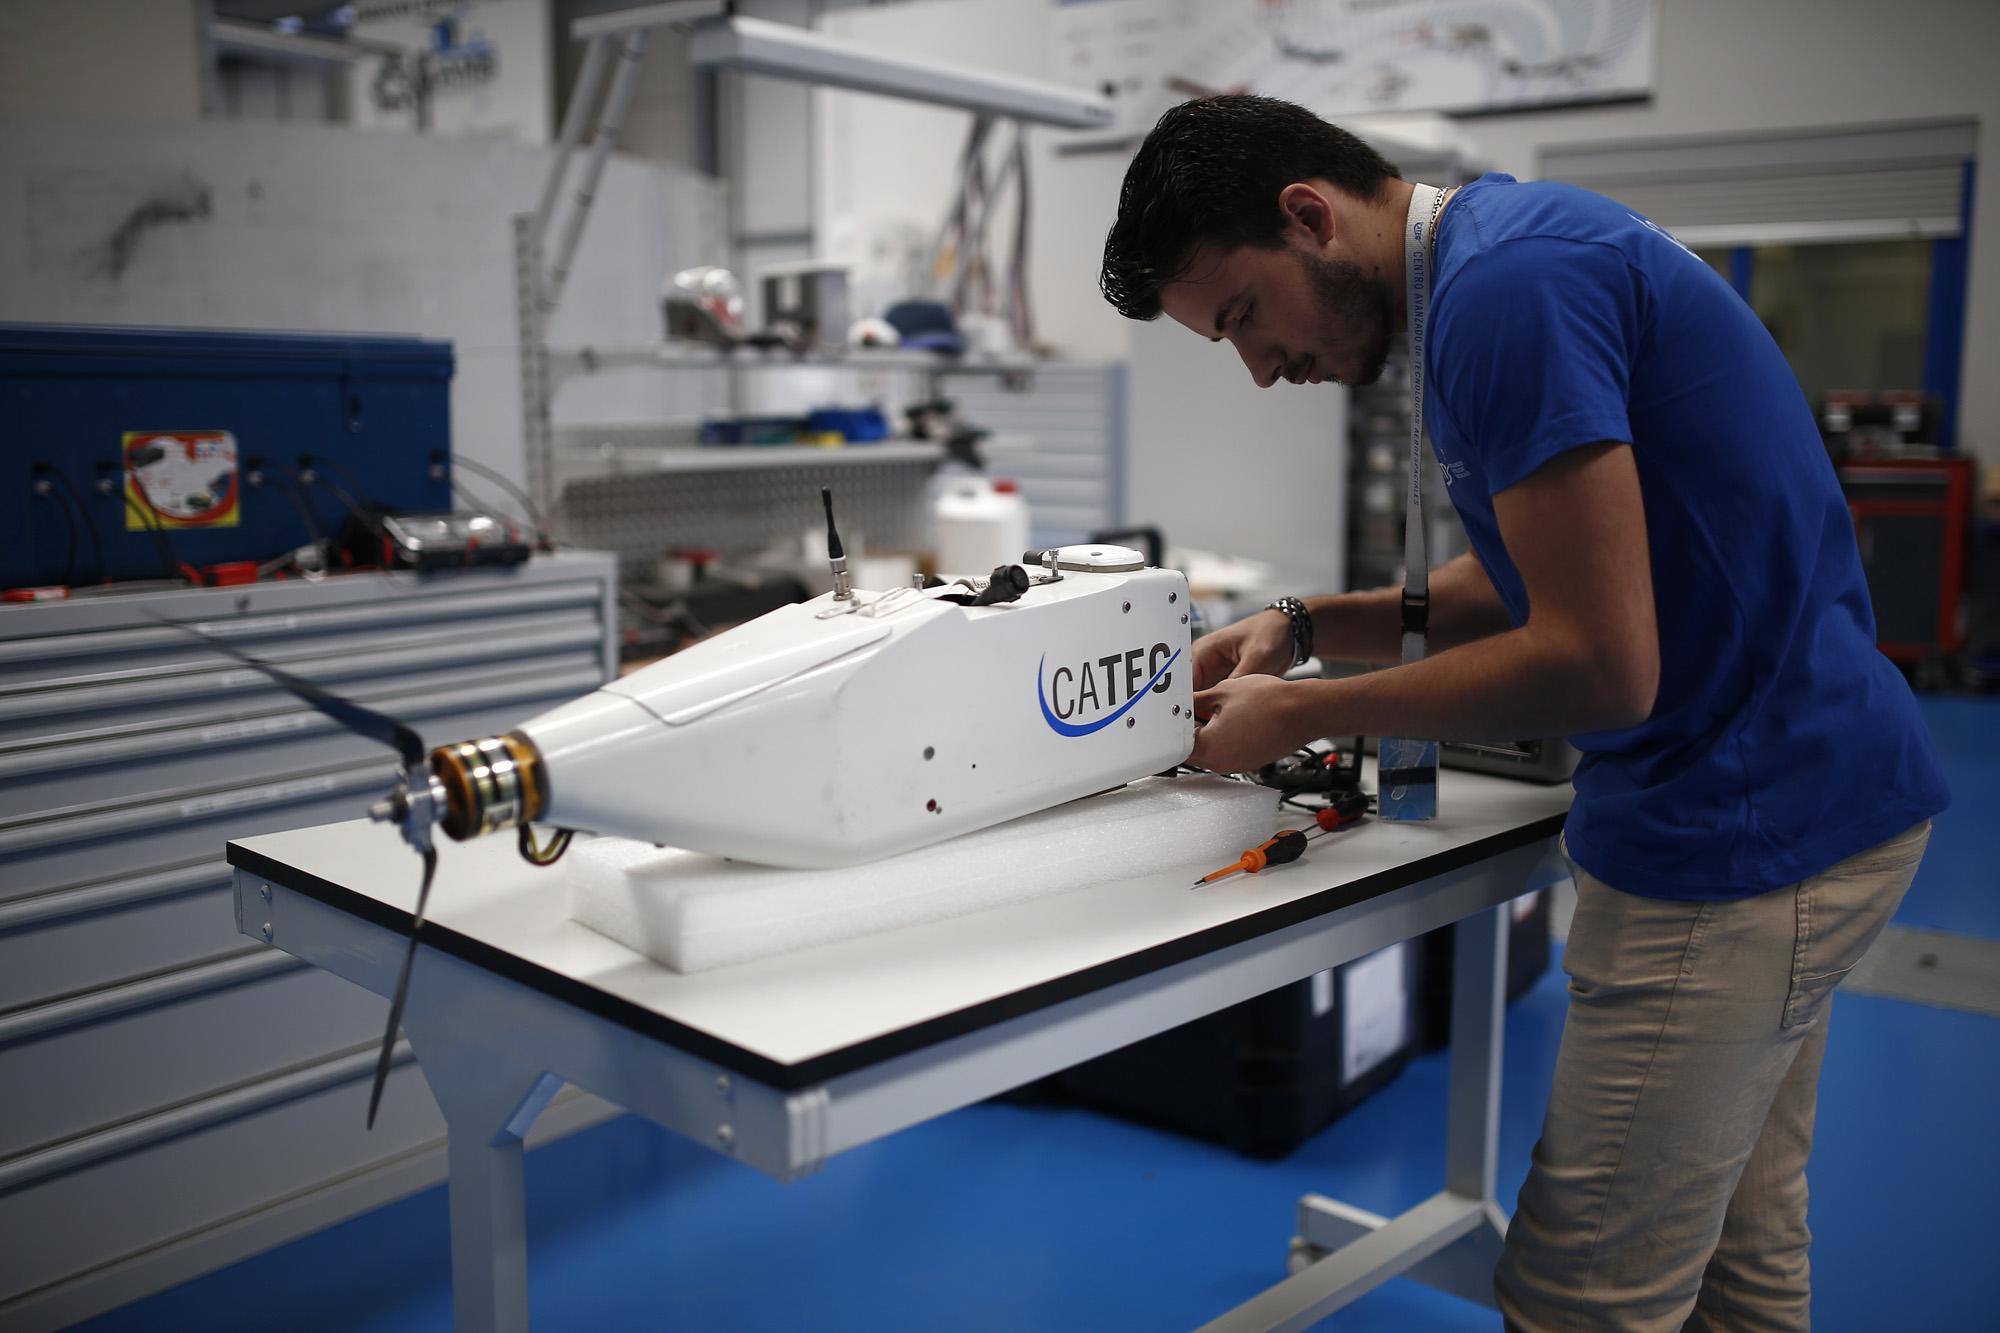 CATEC participa como experto en un encuentro de la Agencia Europea de Defensa sobre las tecnologías de drones en el futuro